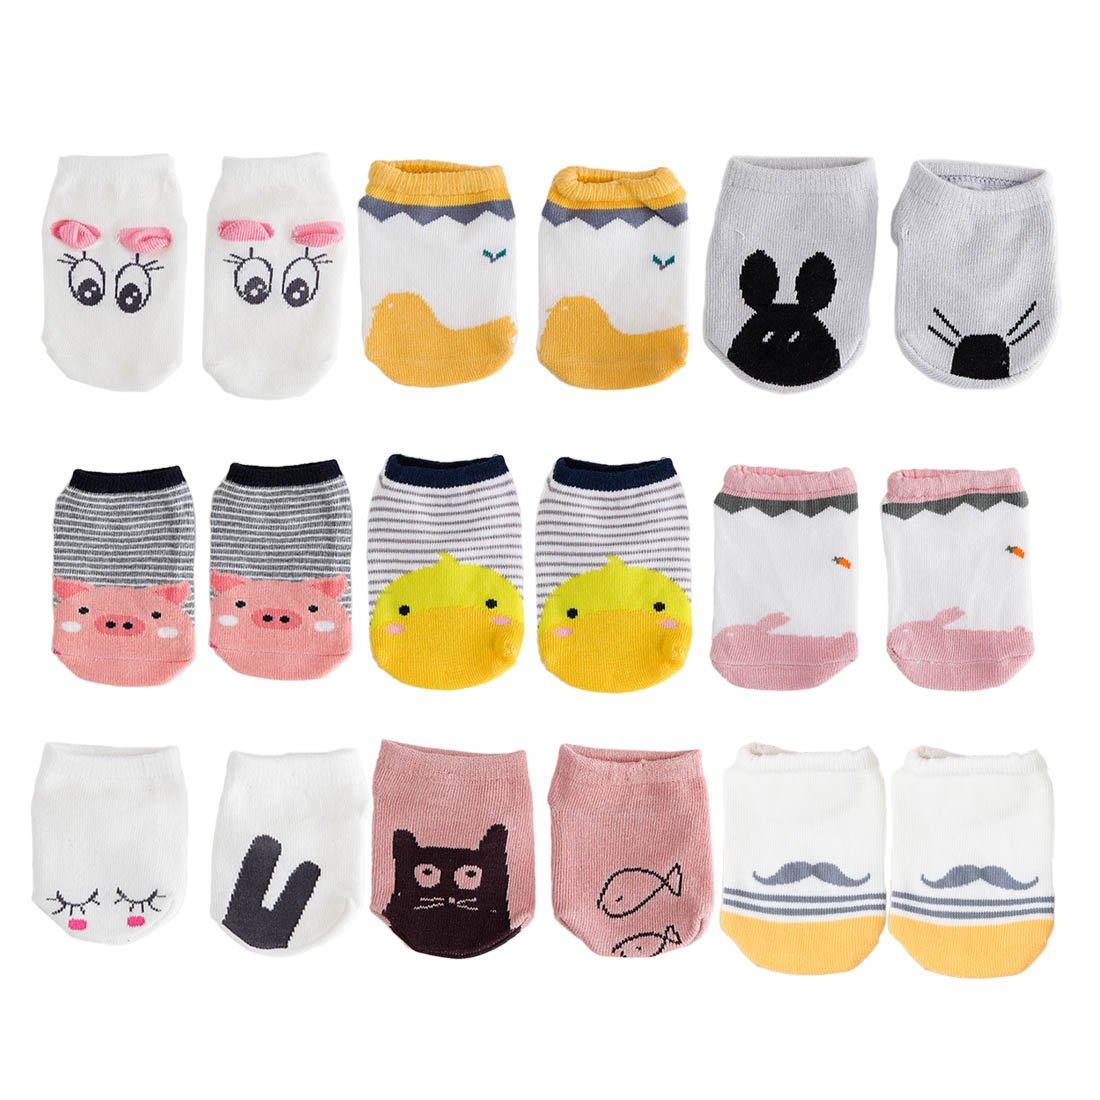 fygood–Lote de 9pares calcetines bebé algodón suave antideslizantes Set A Talla:0-2ans/longueur de base 10cm